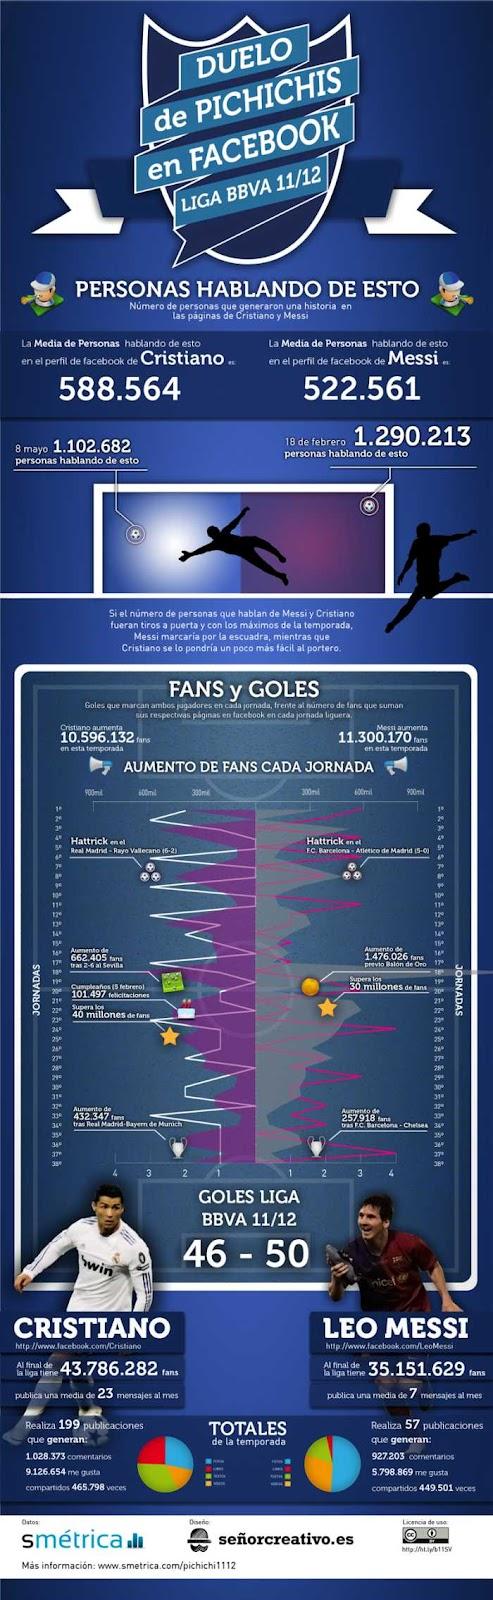 Messi vs Cristiano Ronaldo: duelo en Facebook (infografía), duelo de pichichis